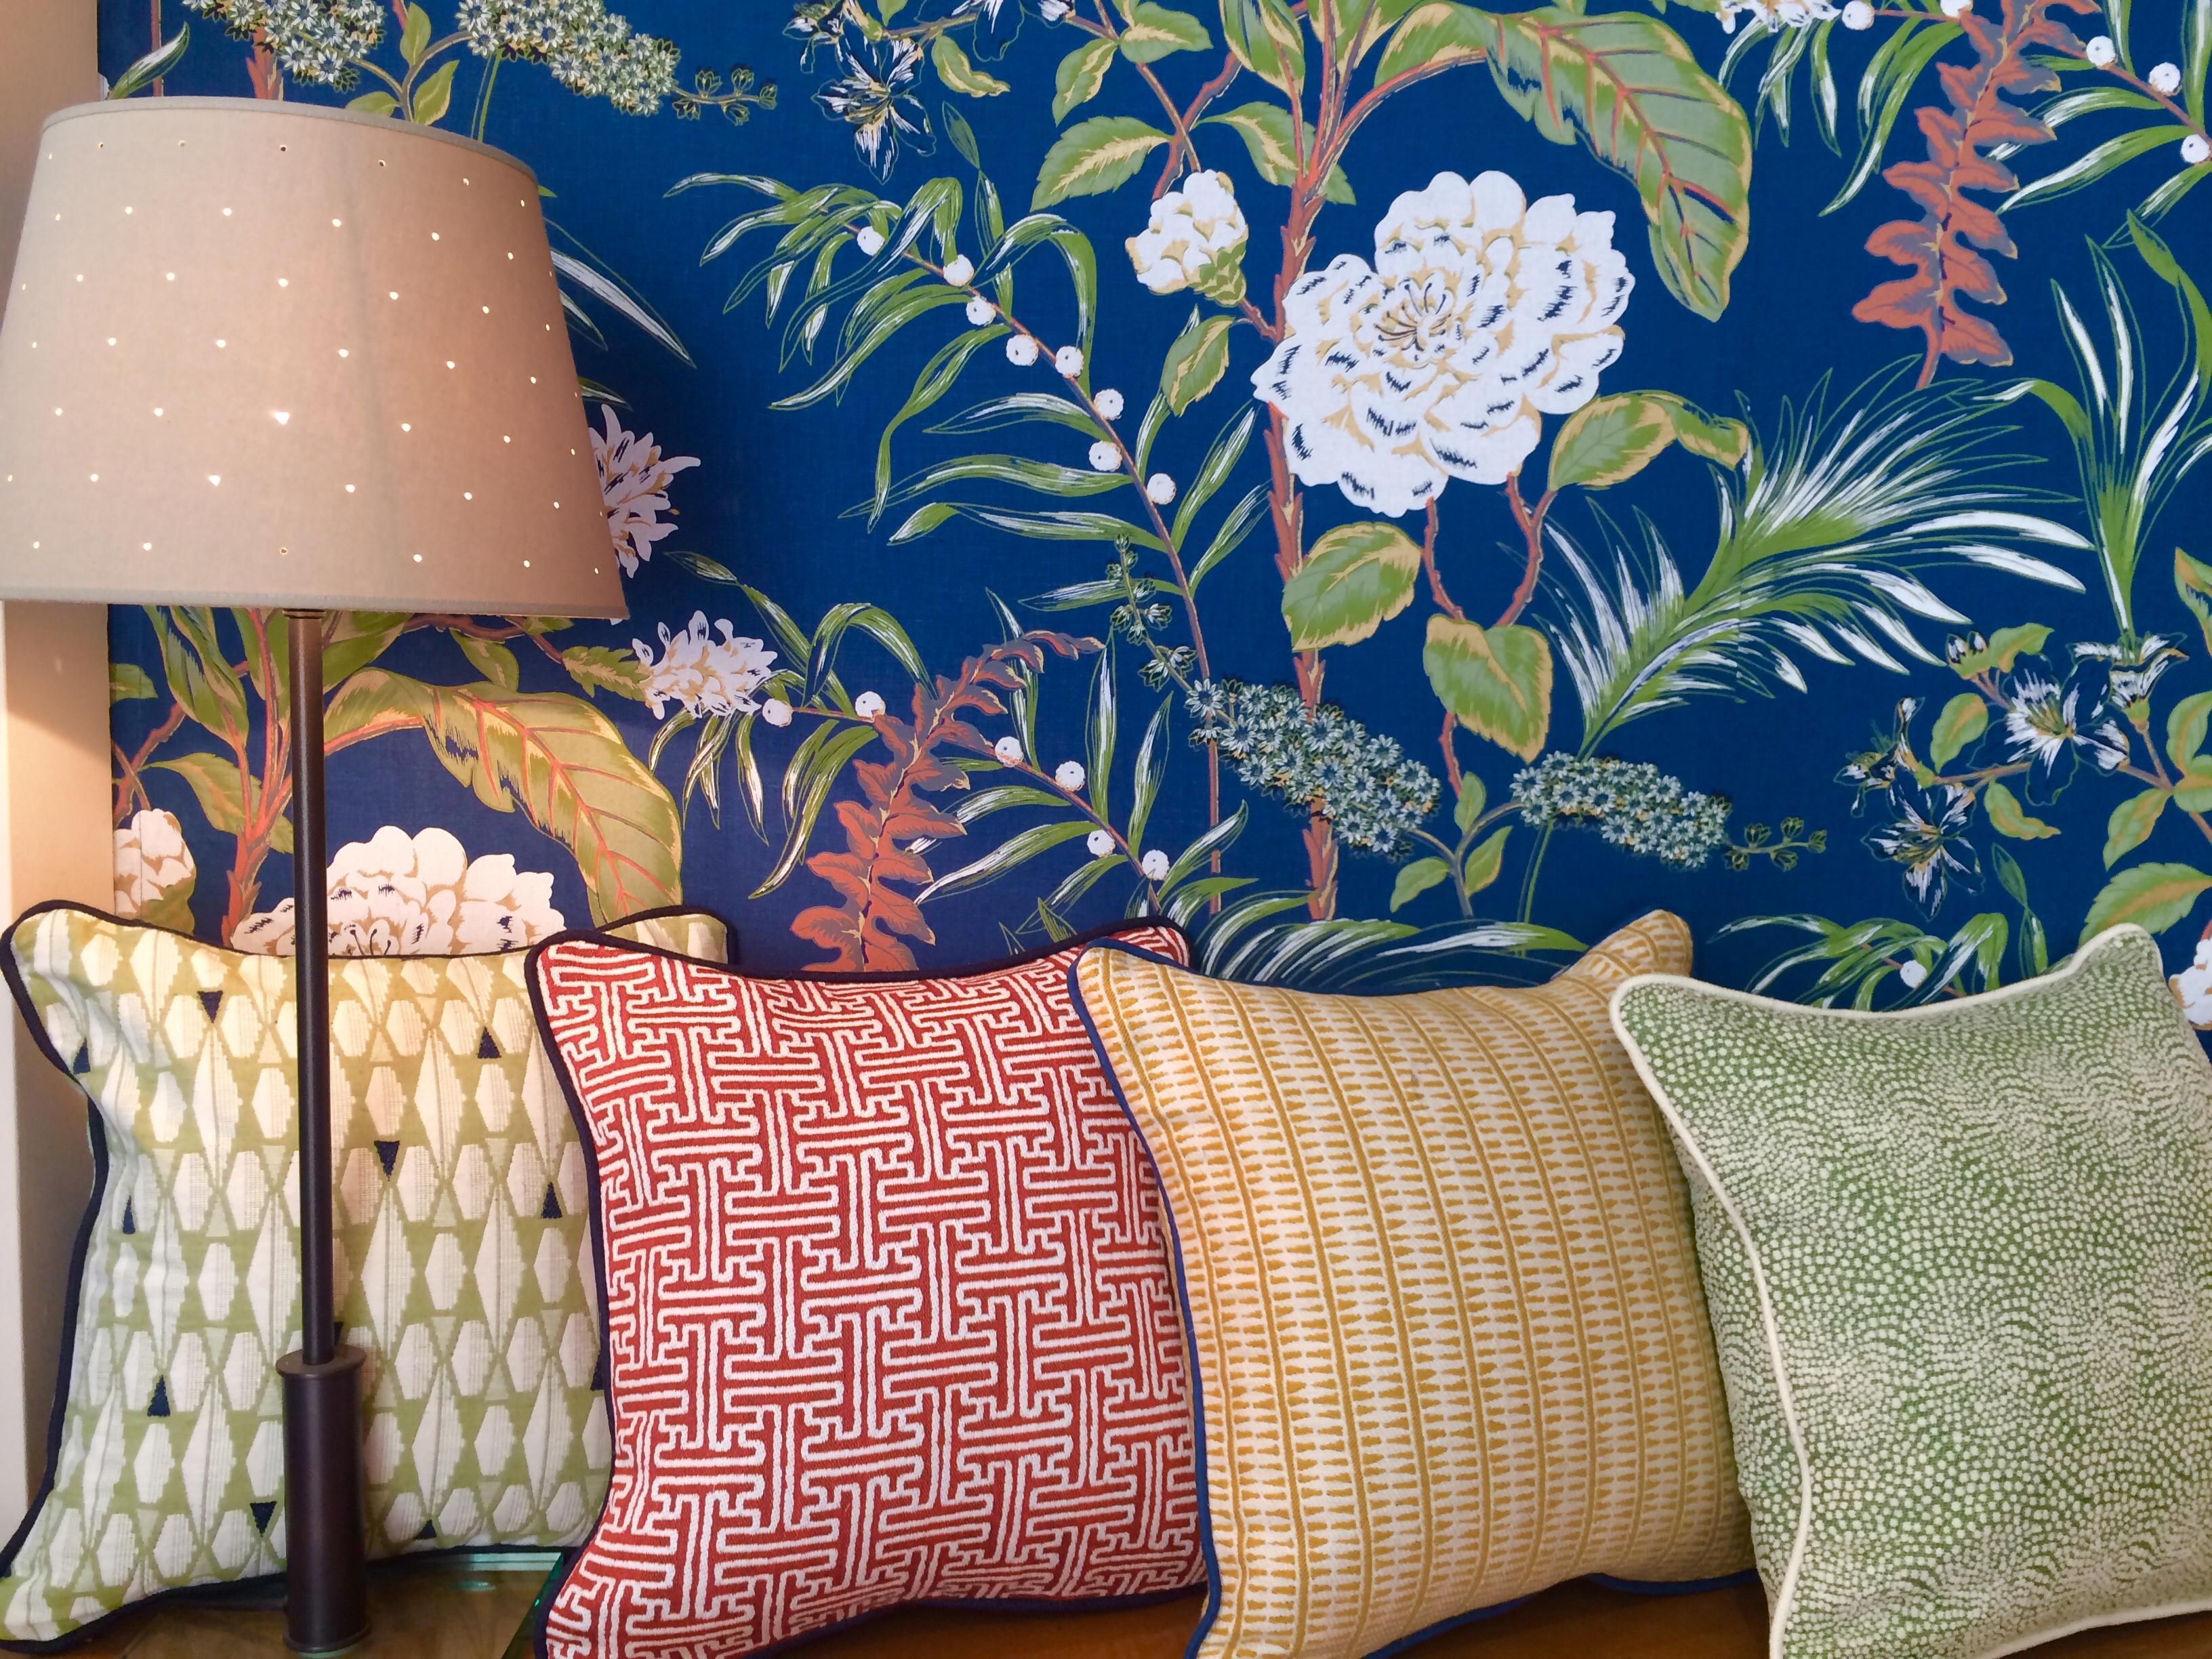 Coussins, motifs tissés à la couleur